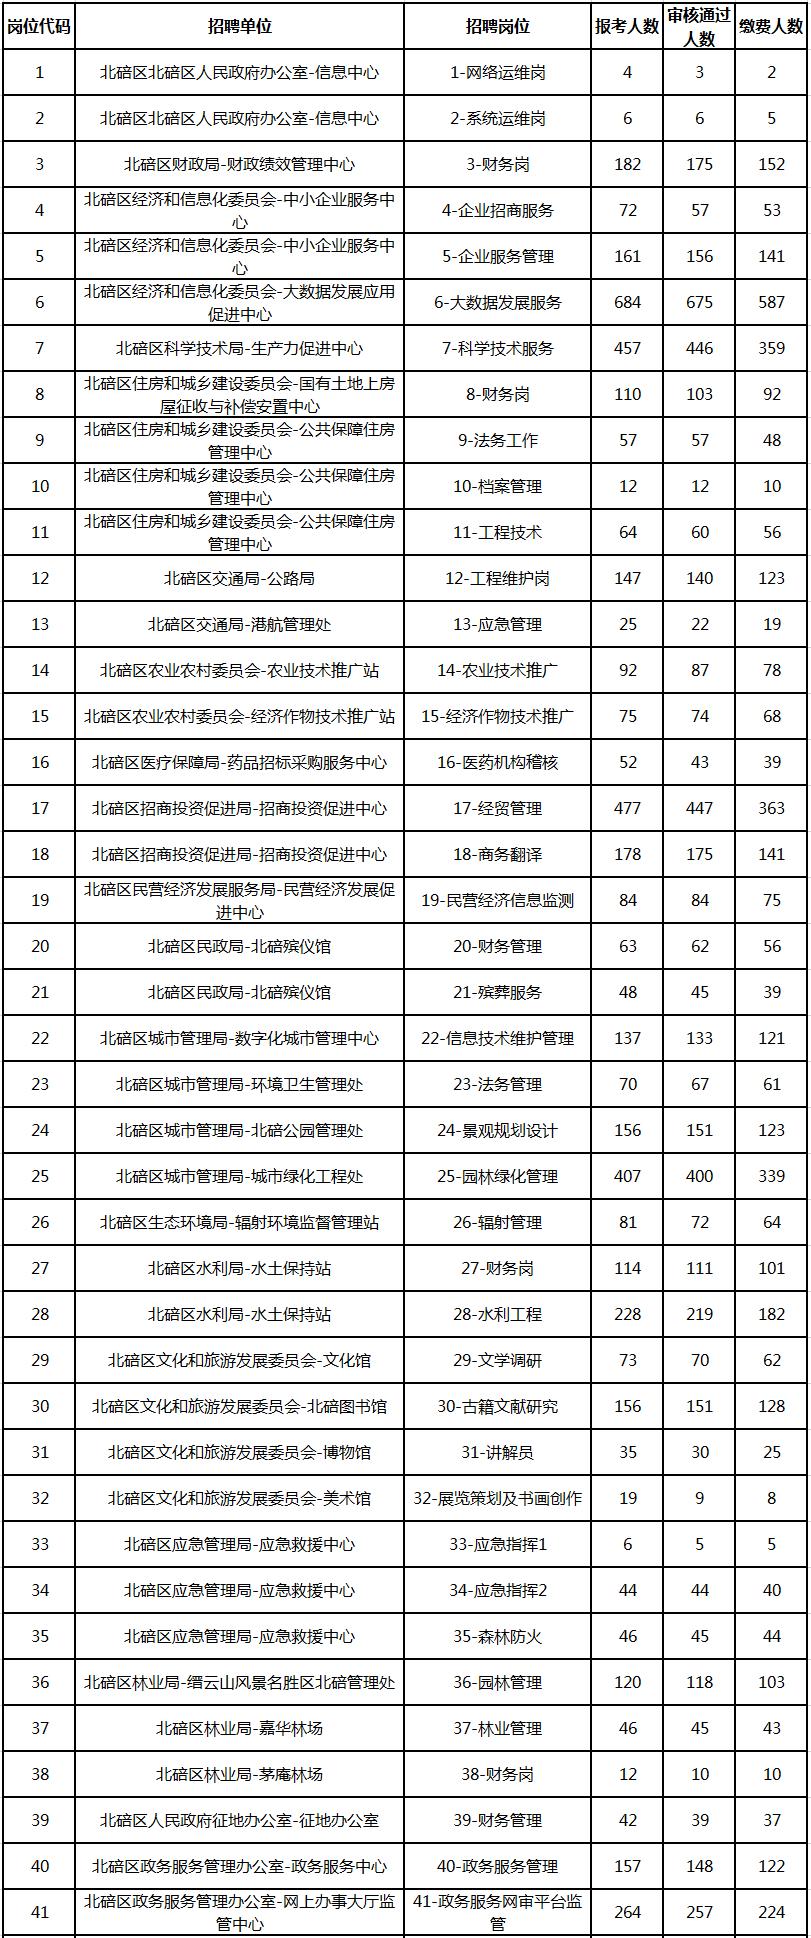 2019第四季度北碚招聘事业单位报名统计(最终)